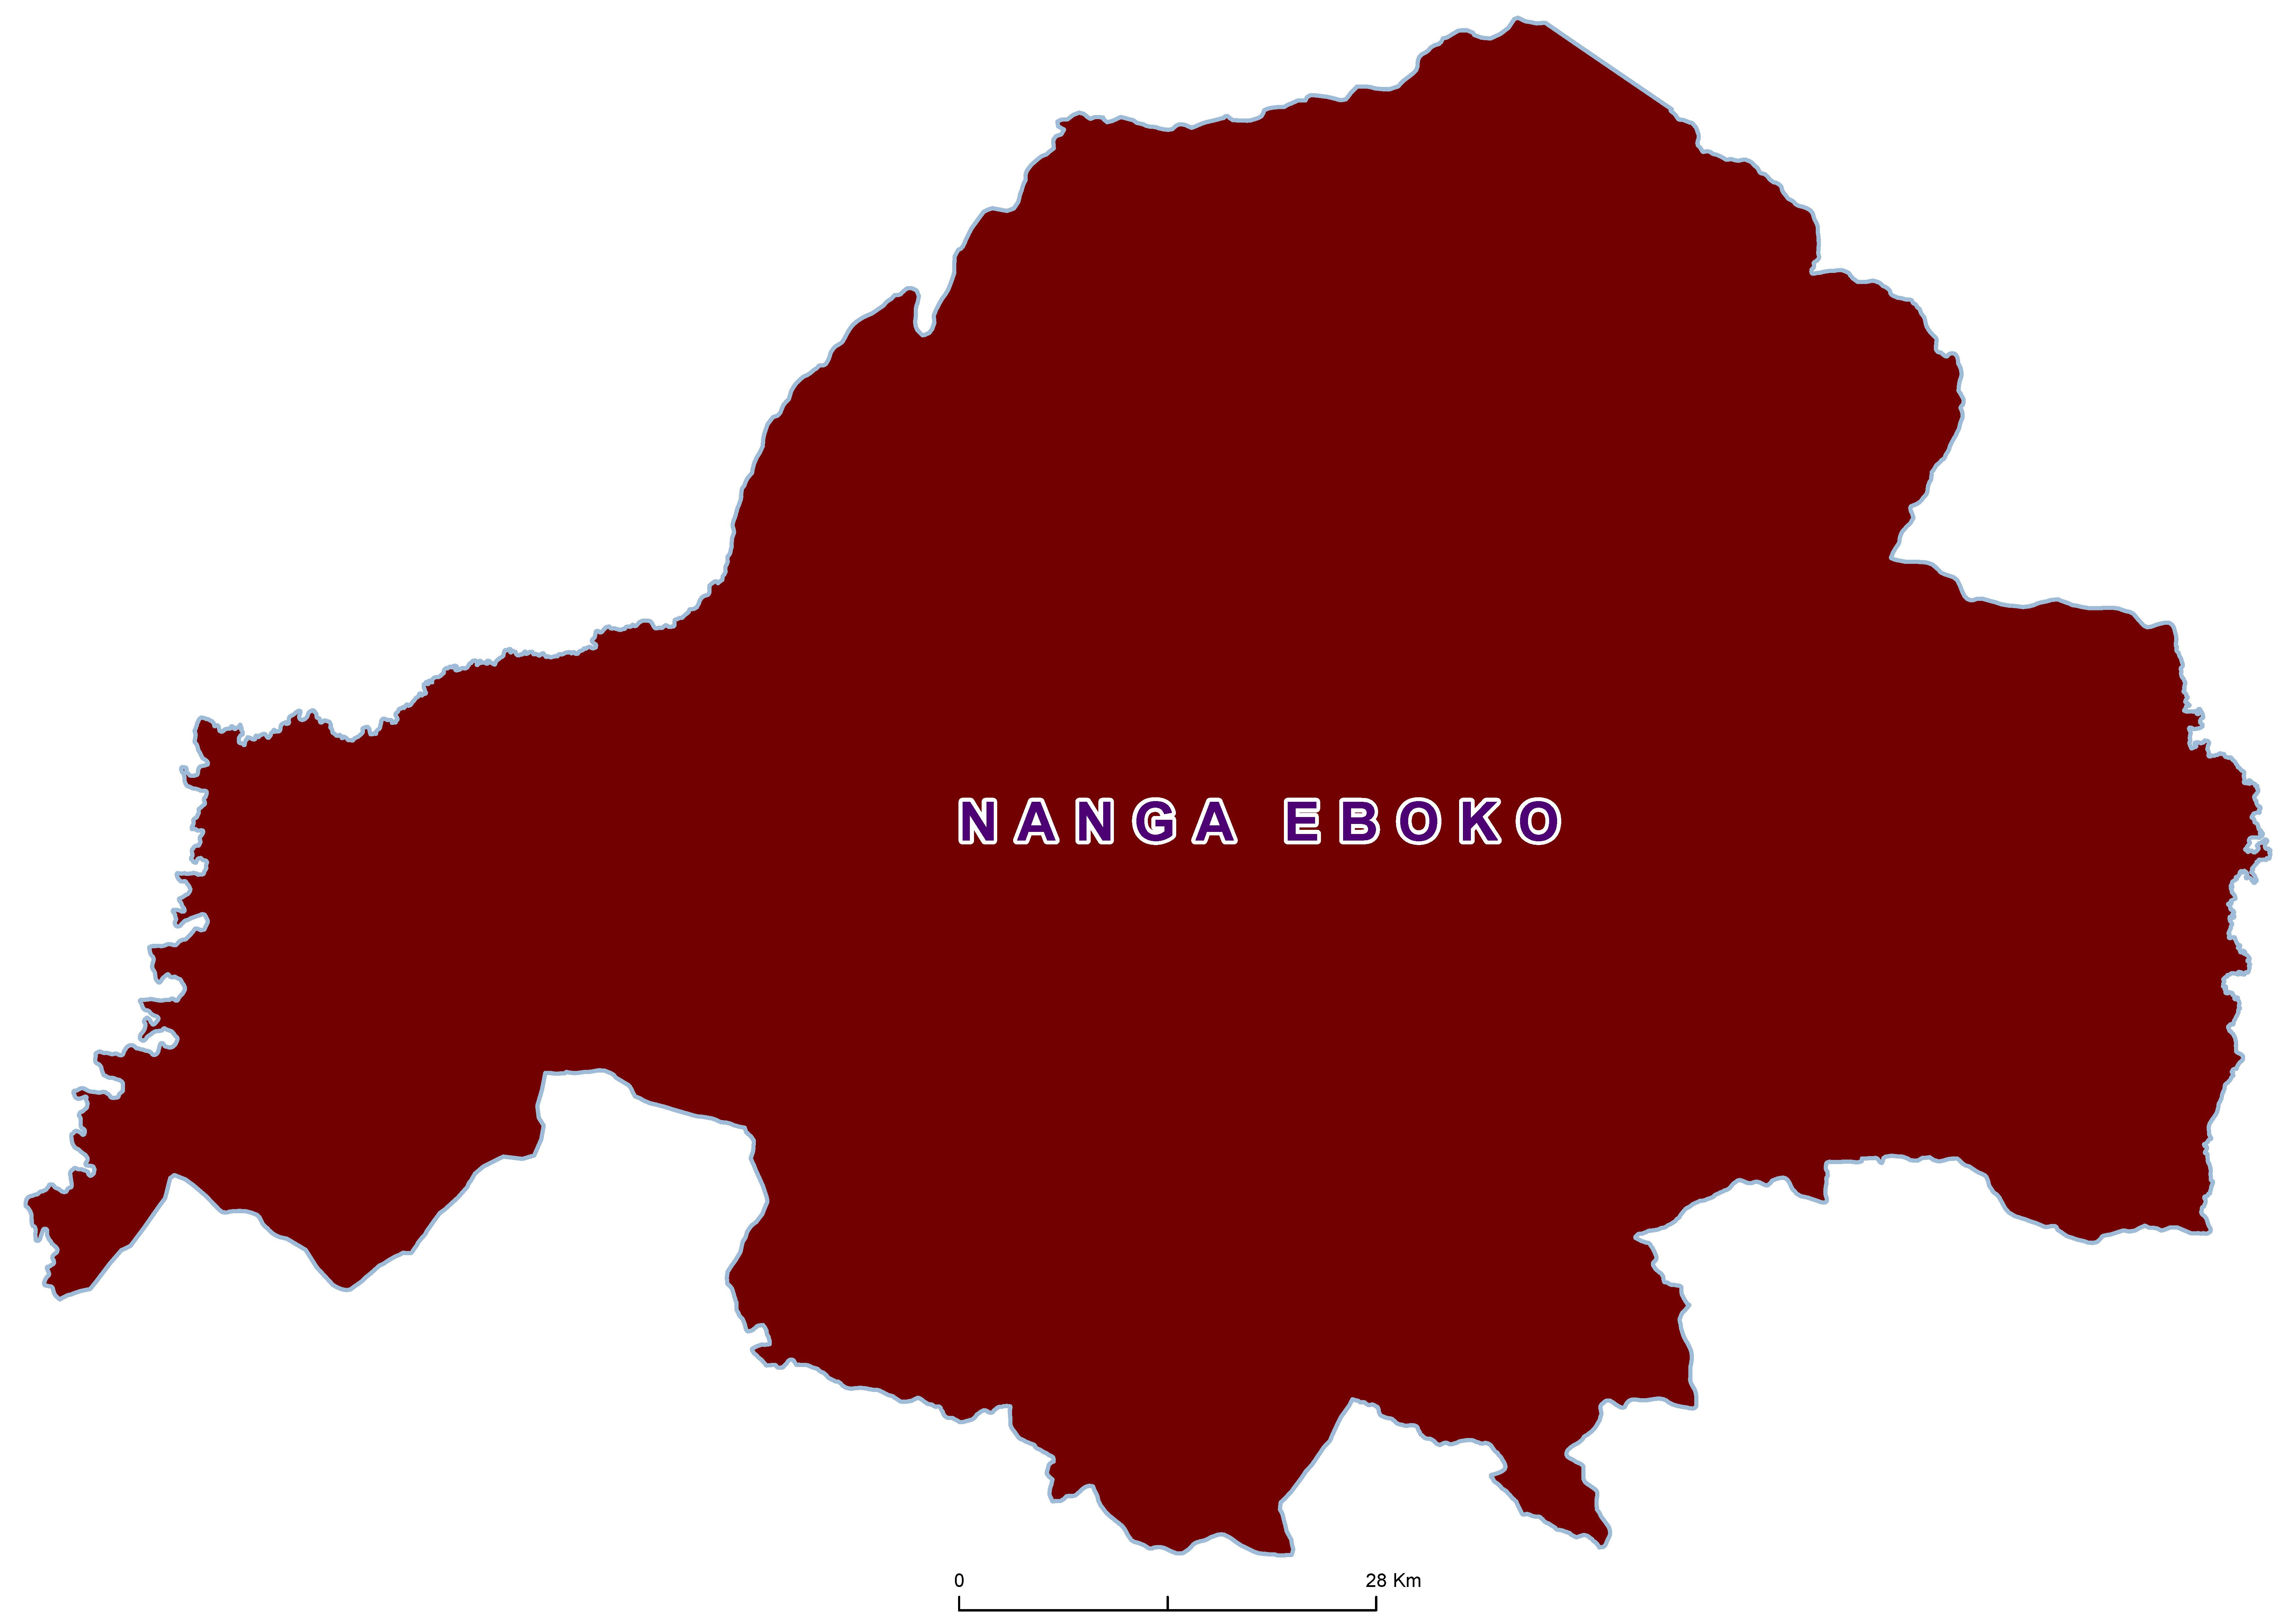 Nanga eboko Max STH 19850001